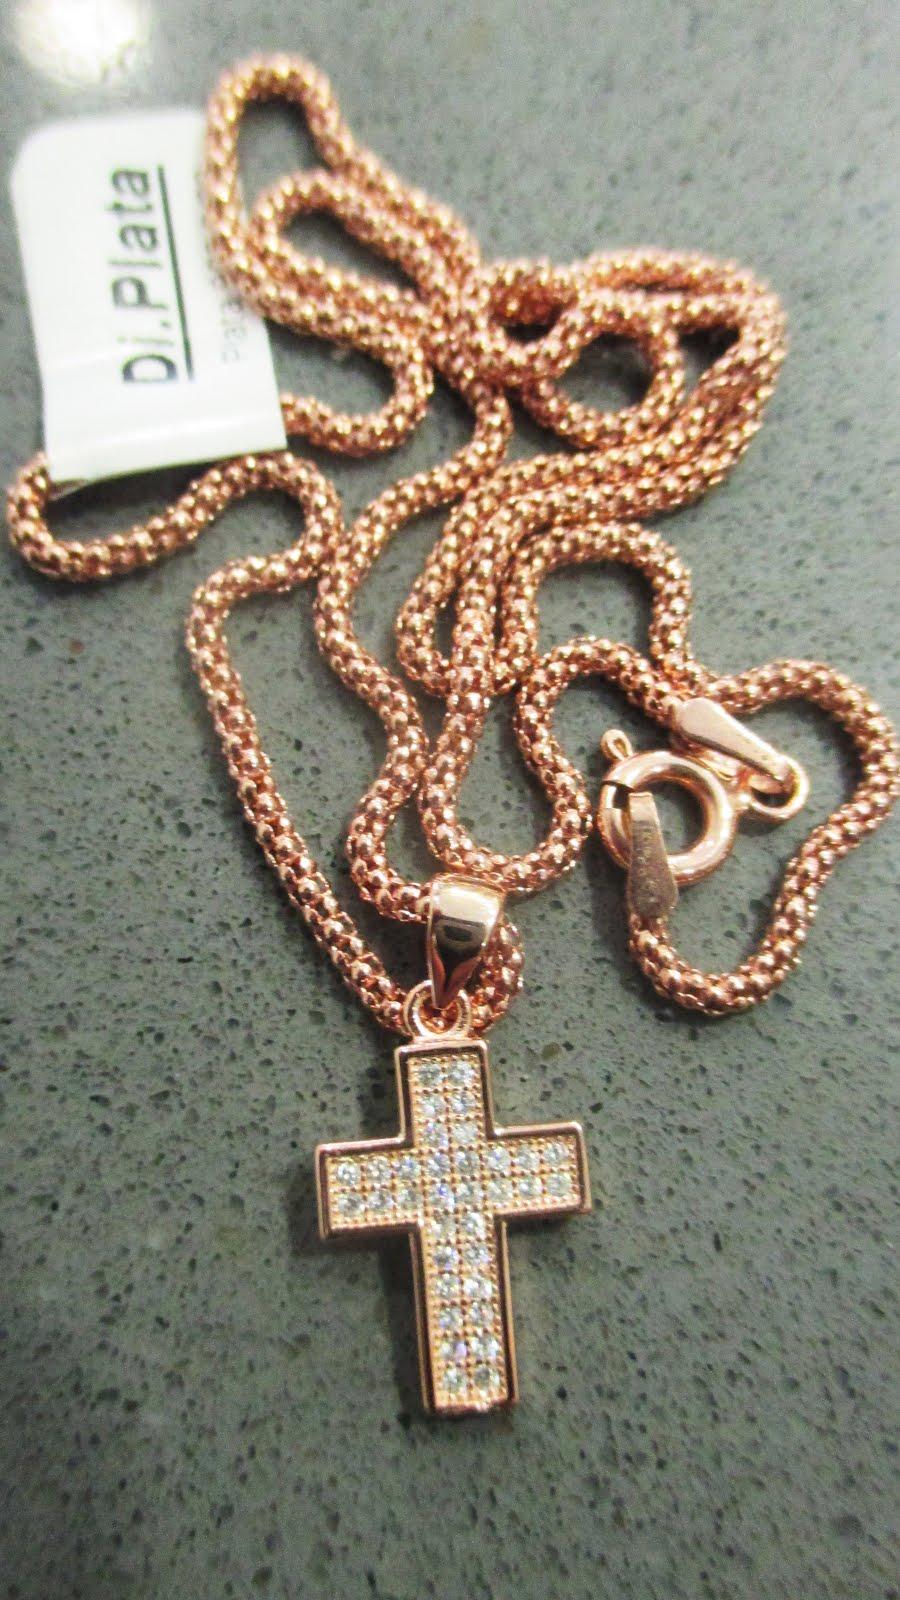 Cordón de plata dorada con cruz de circonitas a juego